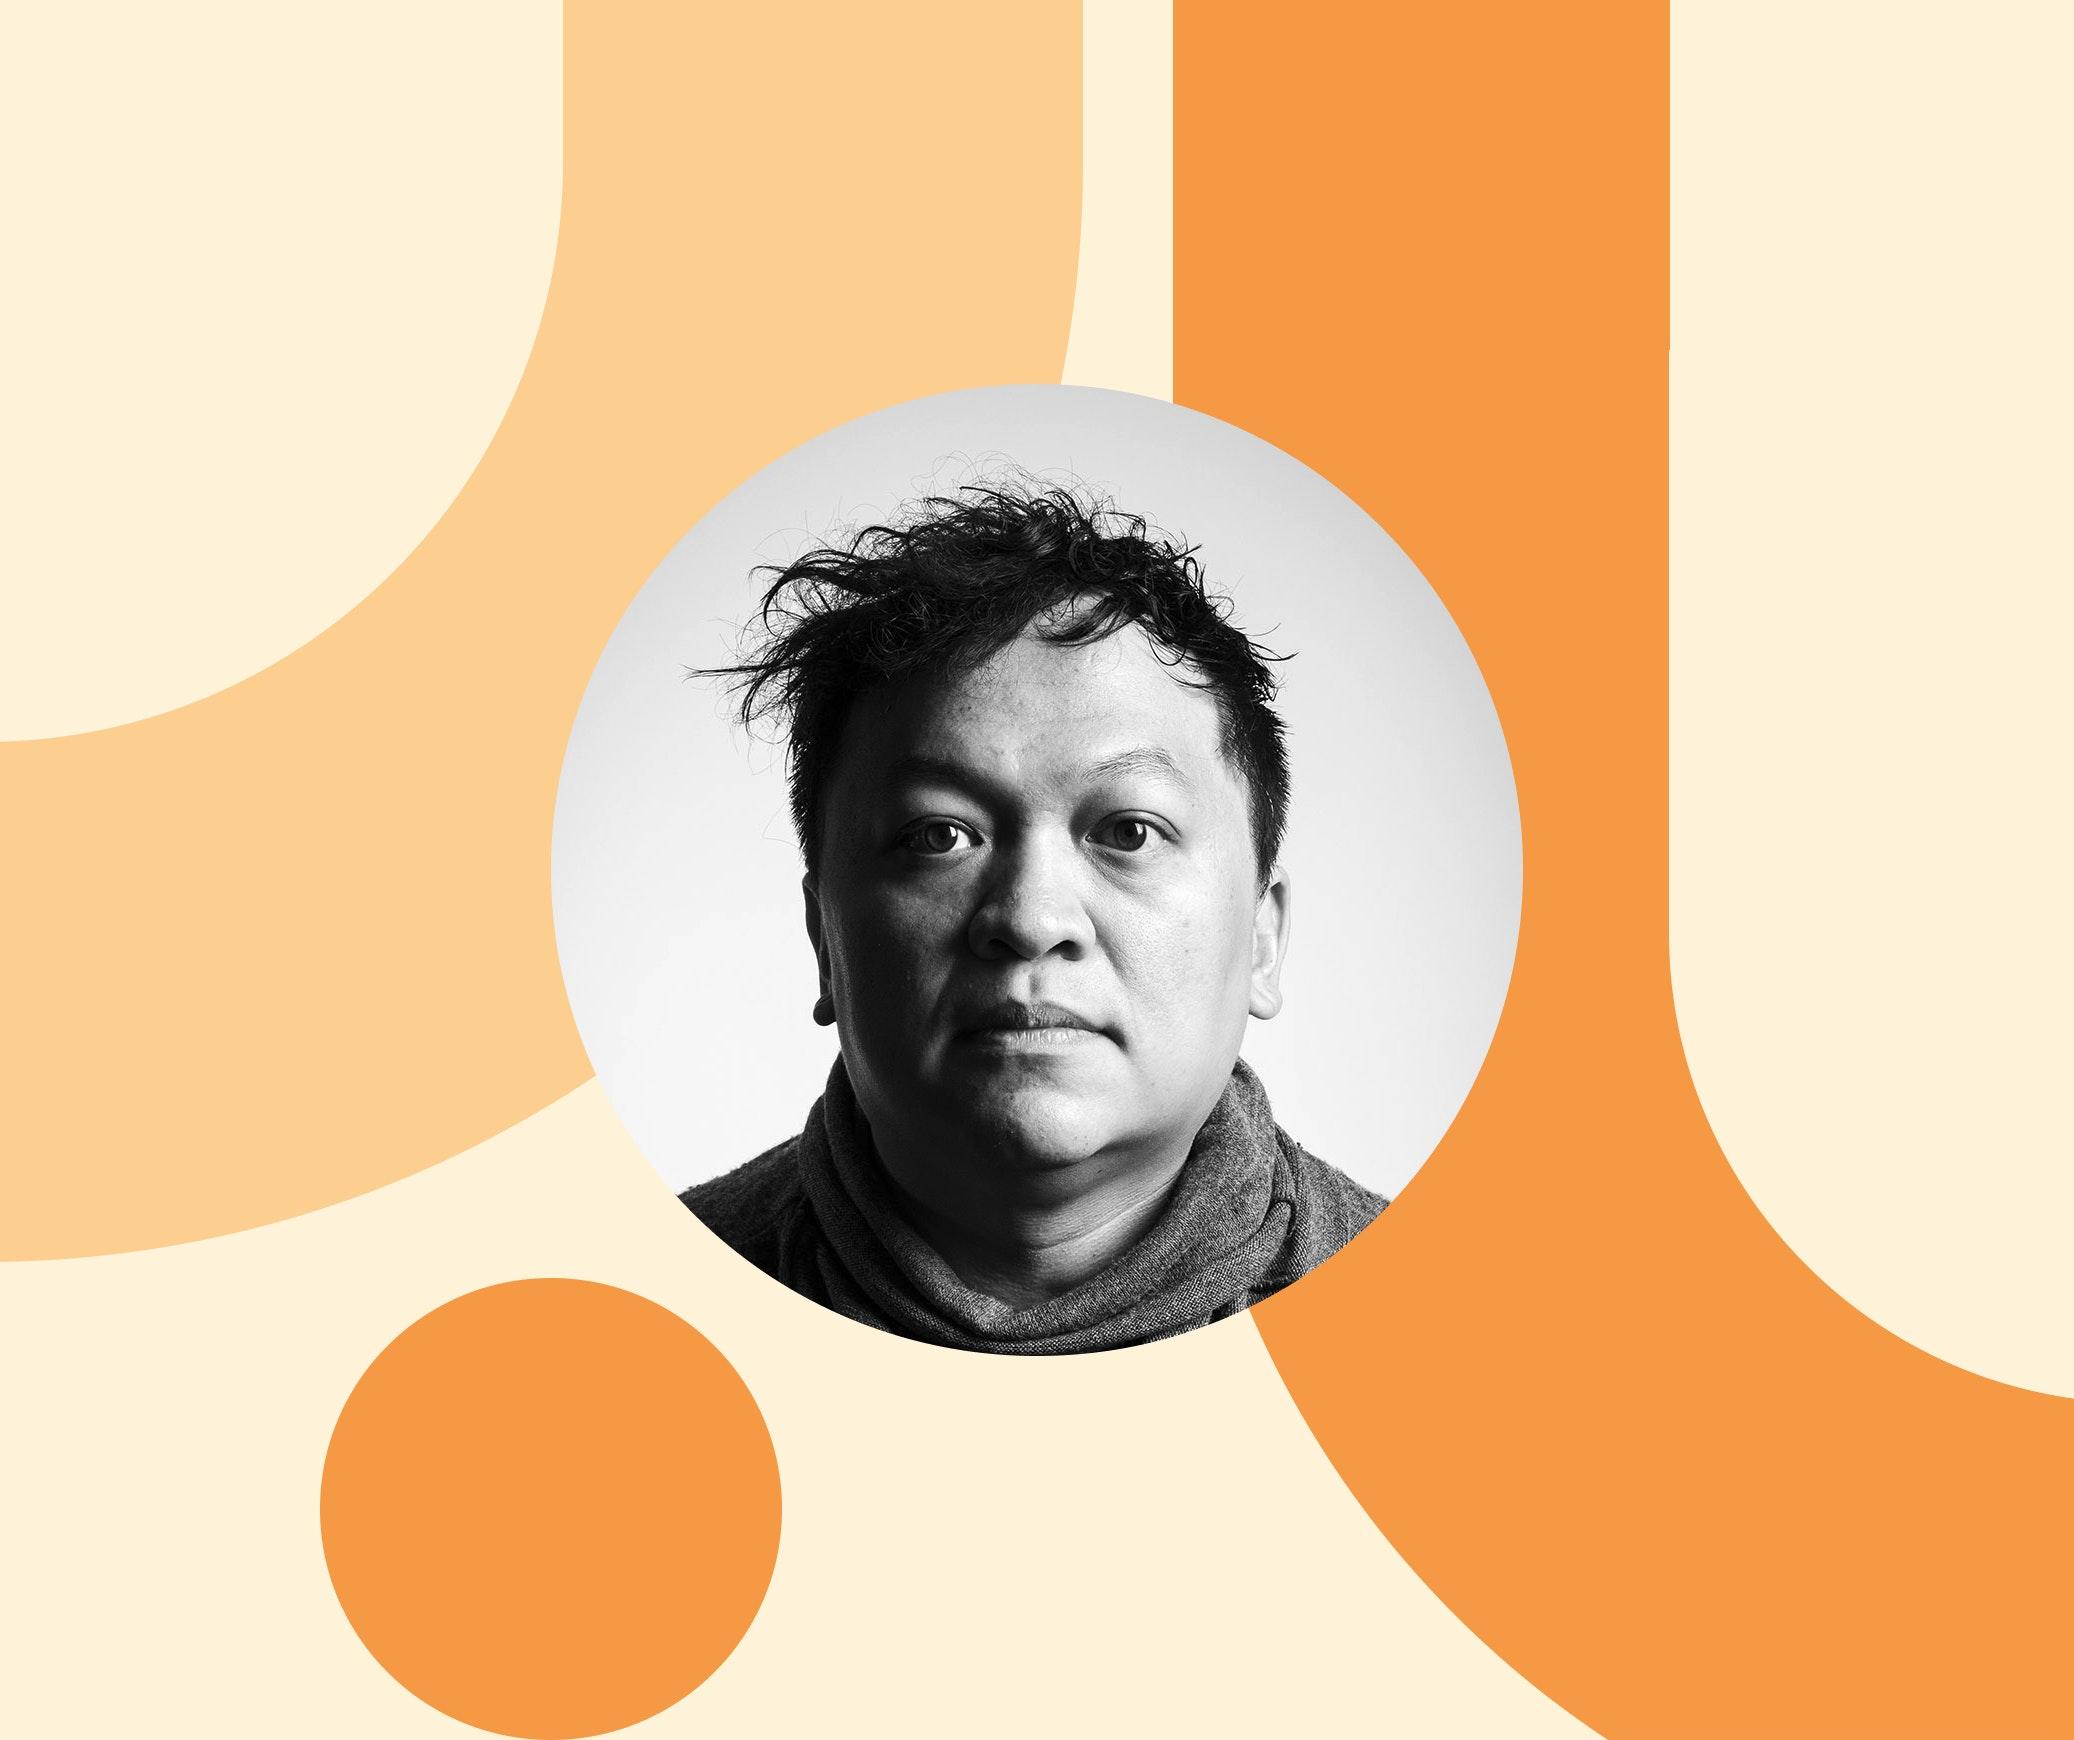 David-Hoang-interview-thumbnail